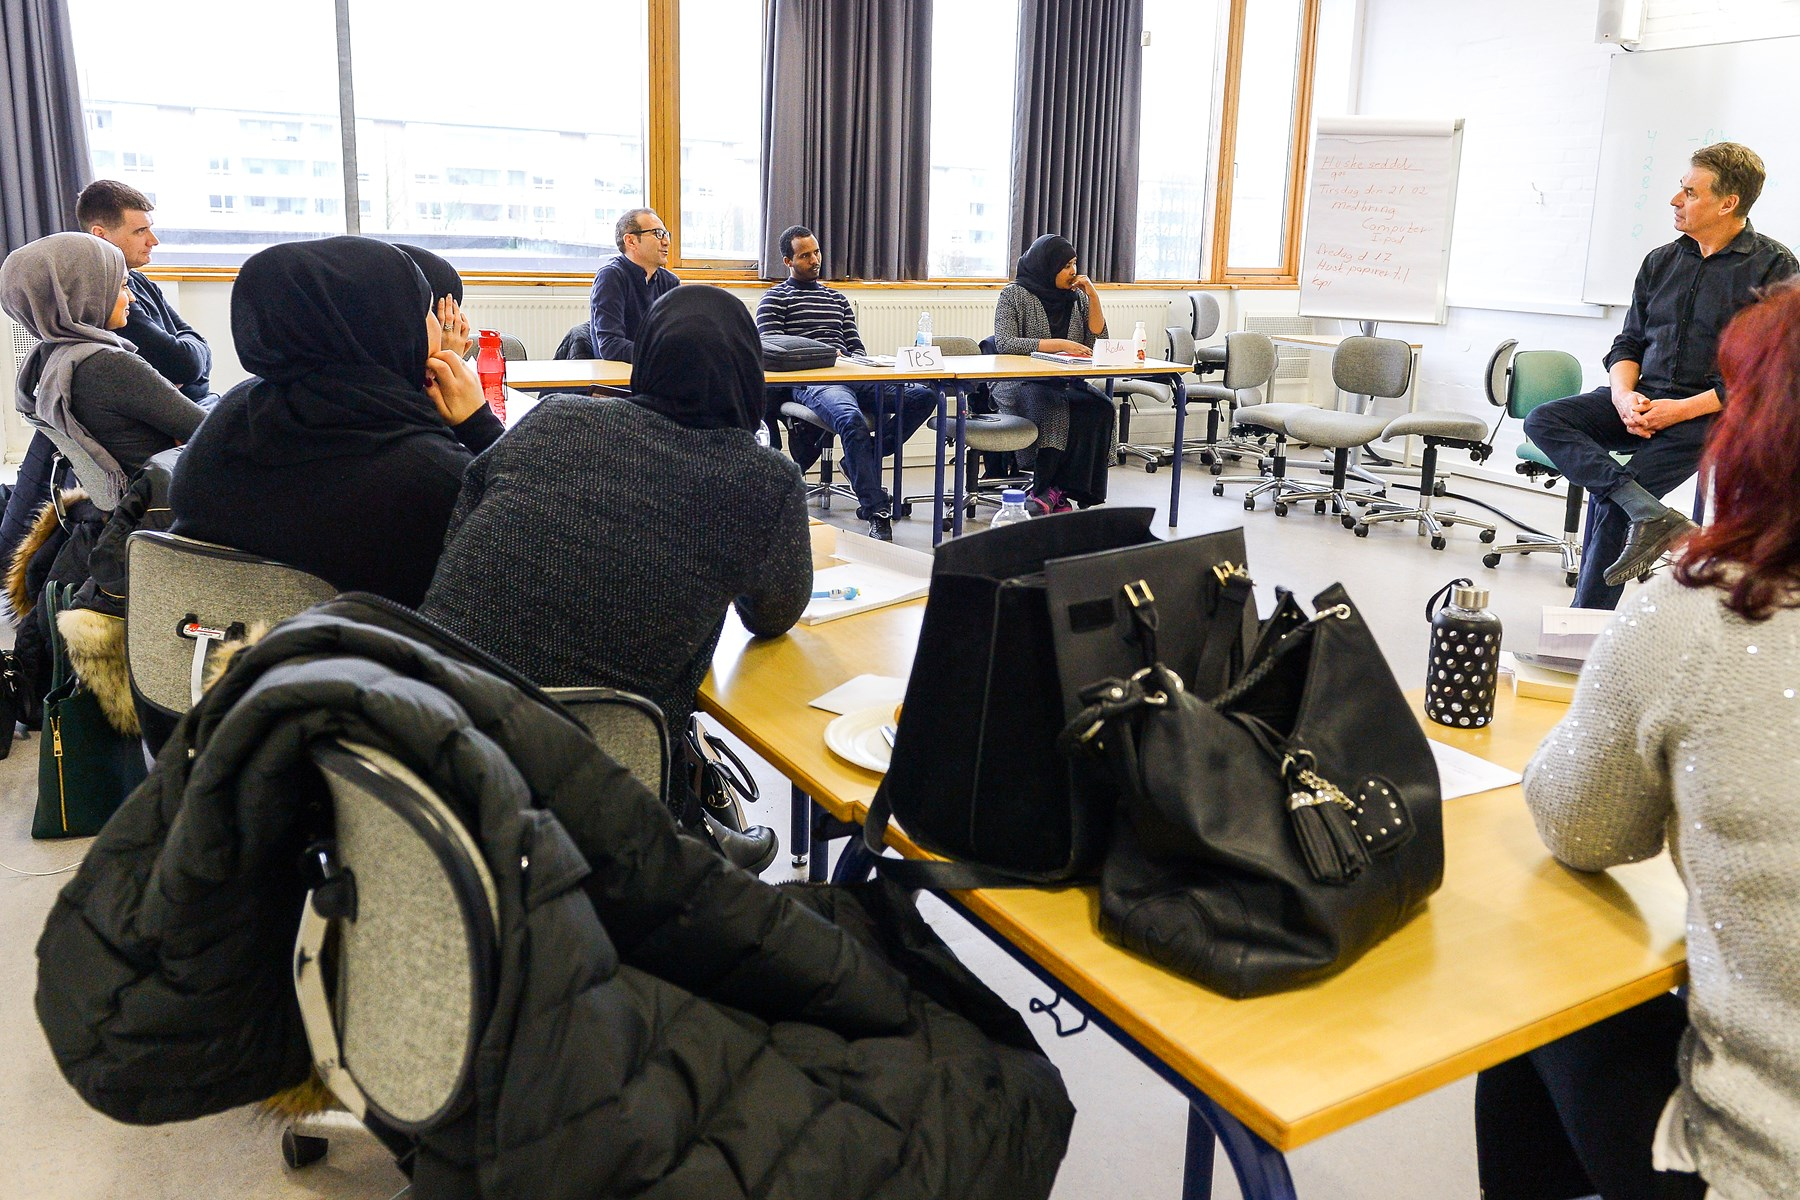 kurser ruster flygtninge